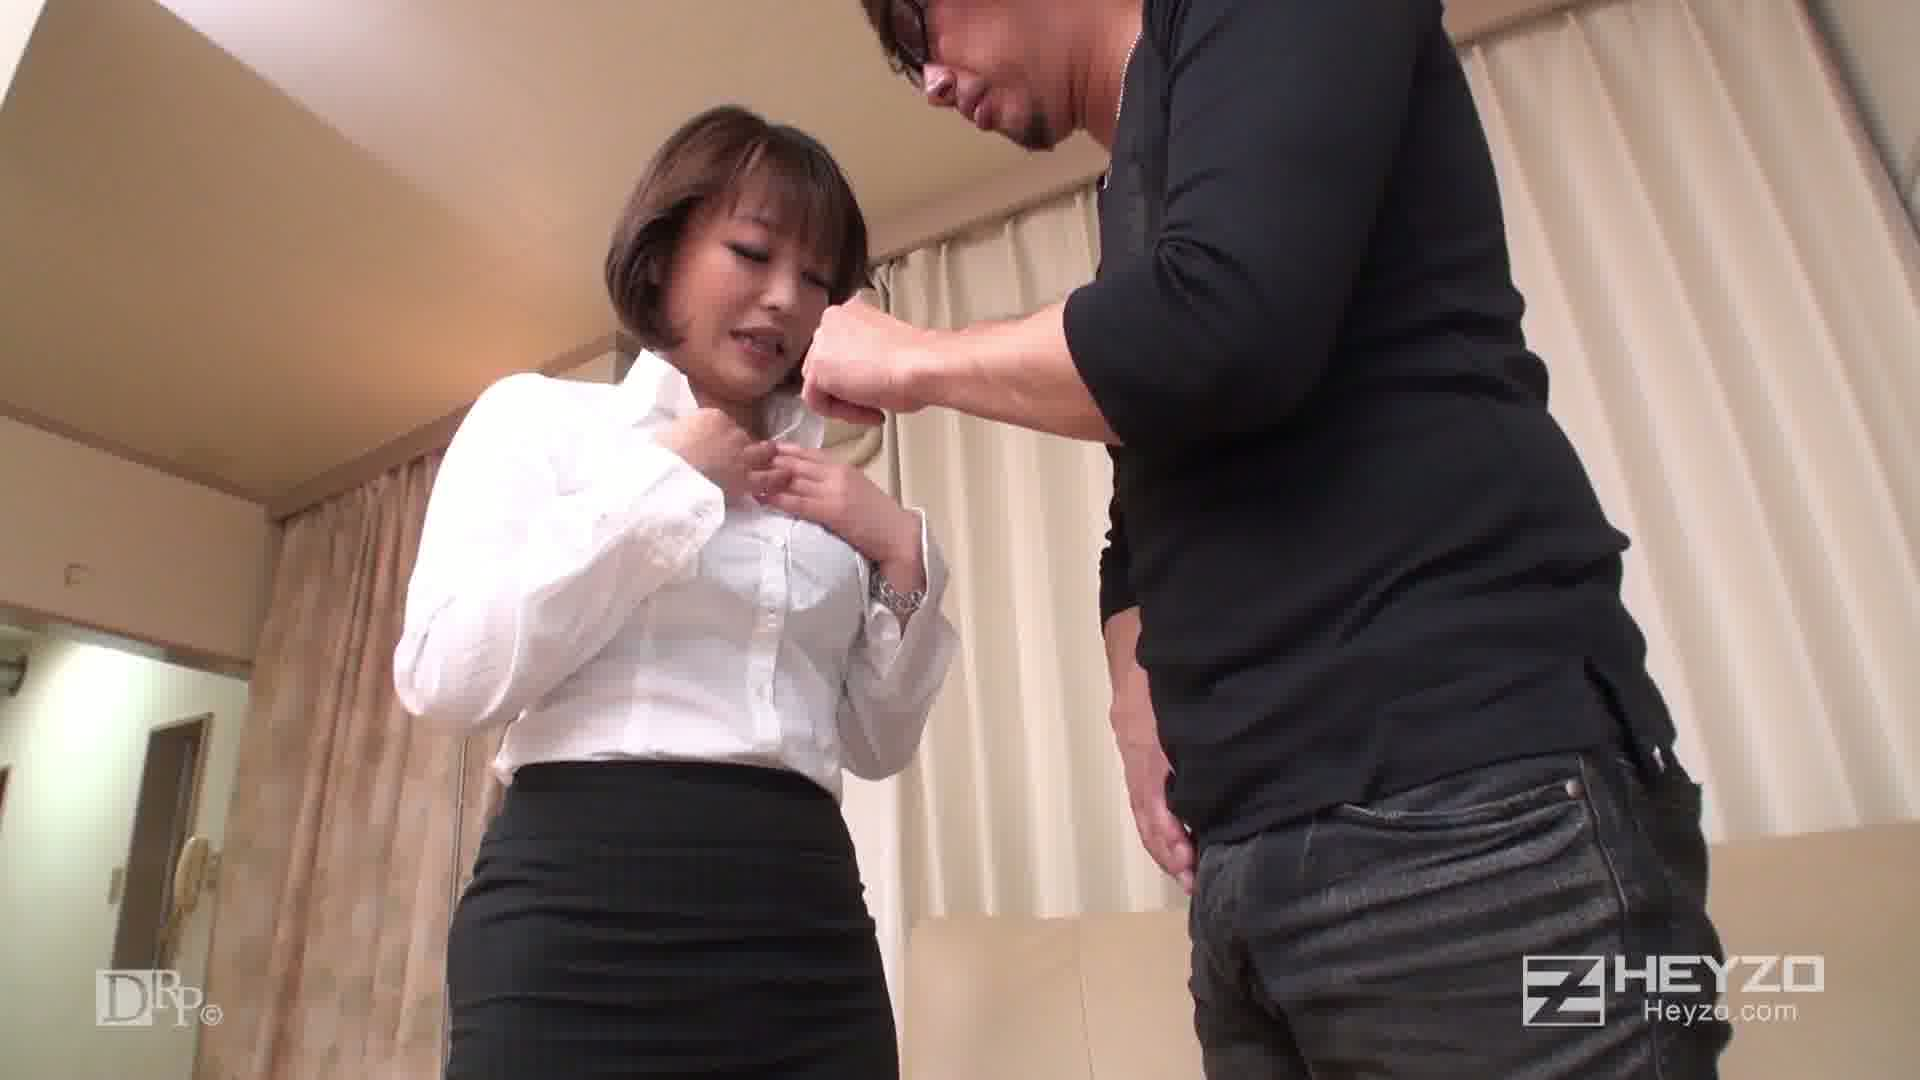 クレーム処理に来た微熟女事務員に悪戯してヤった - 彩名ゆい【脱衣 オナニー】